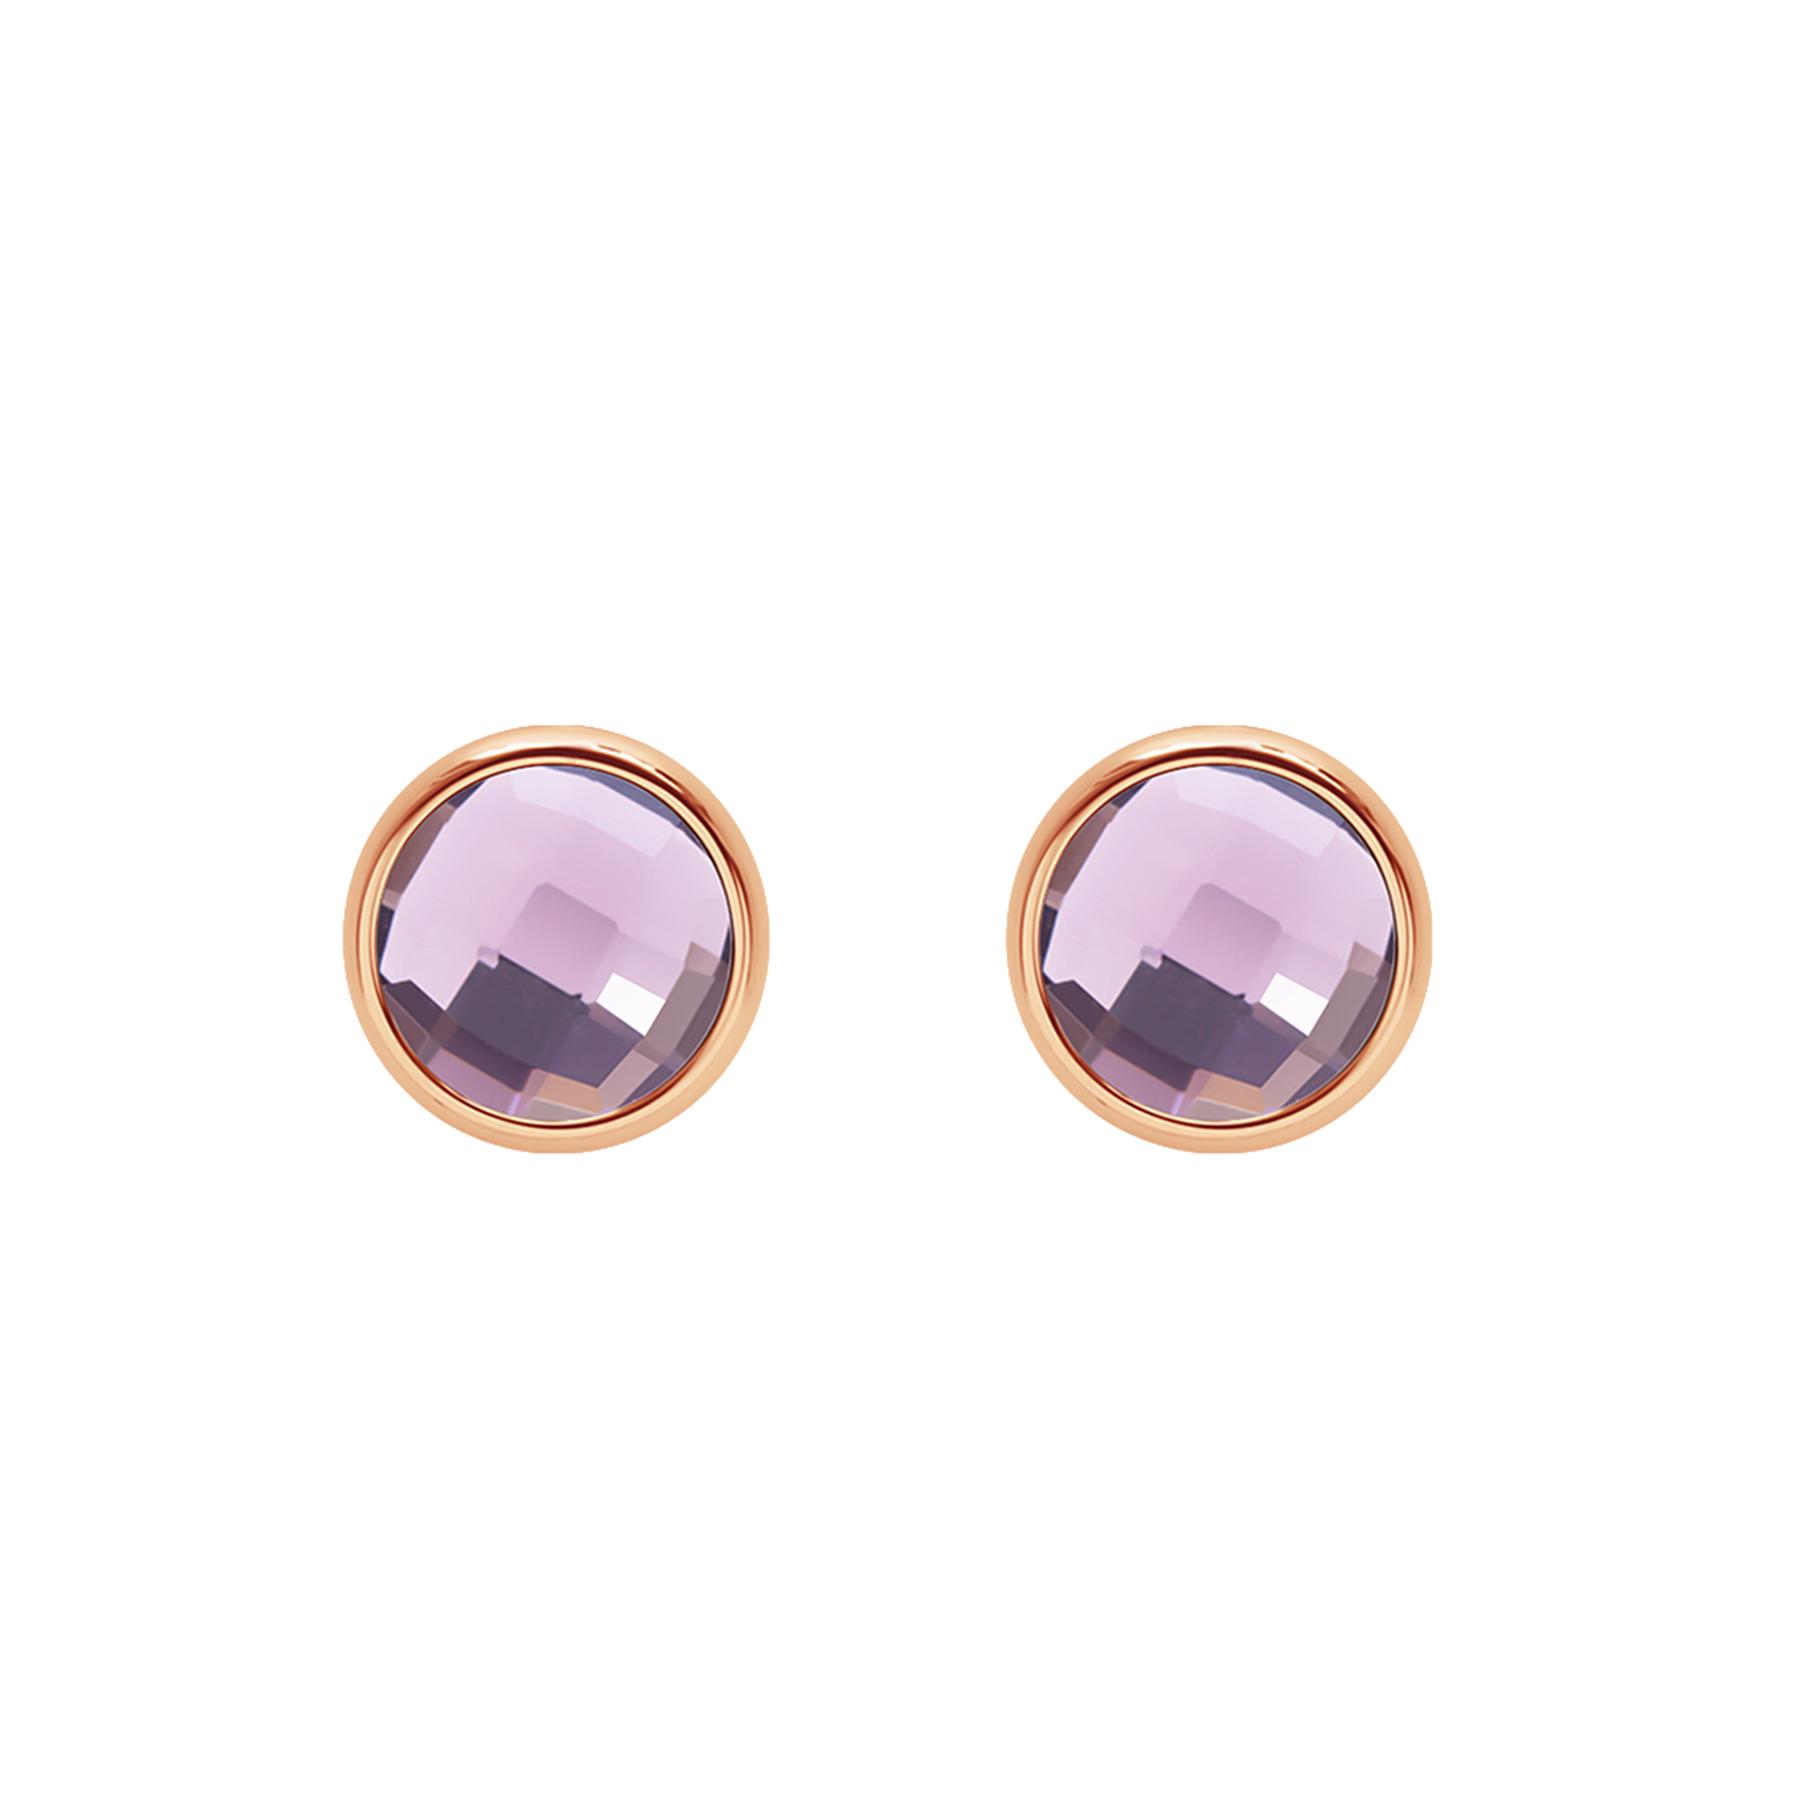 Kolczyki z fioletowym kwarcem różowe pozłocenie